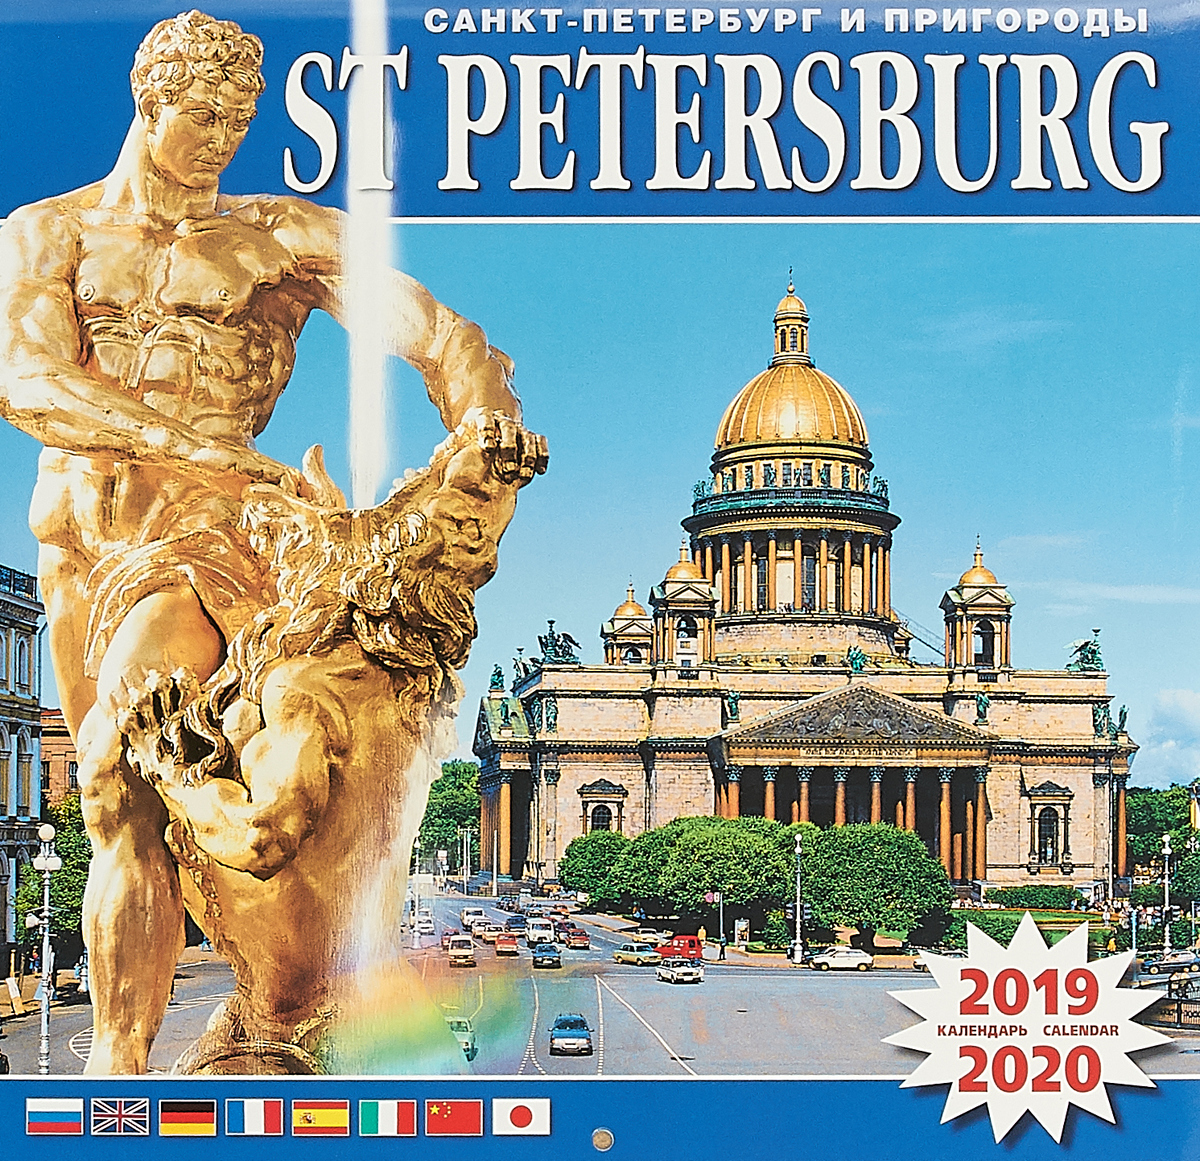 Календарь на скрепке на 2019-2020 год. Санкт-Петербург и пригороды. Самсон. Коллаж